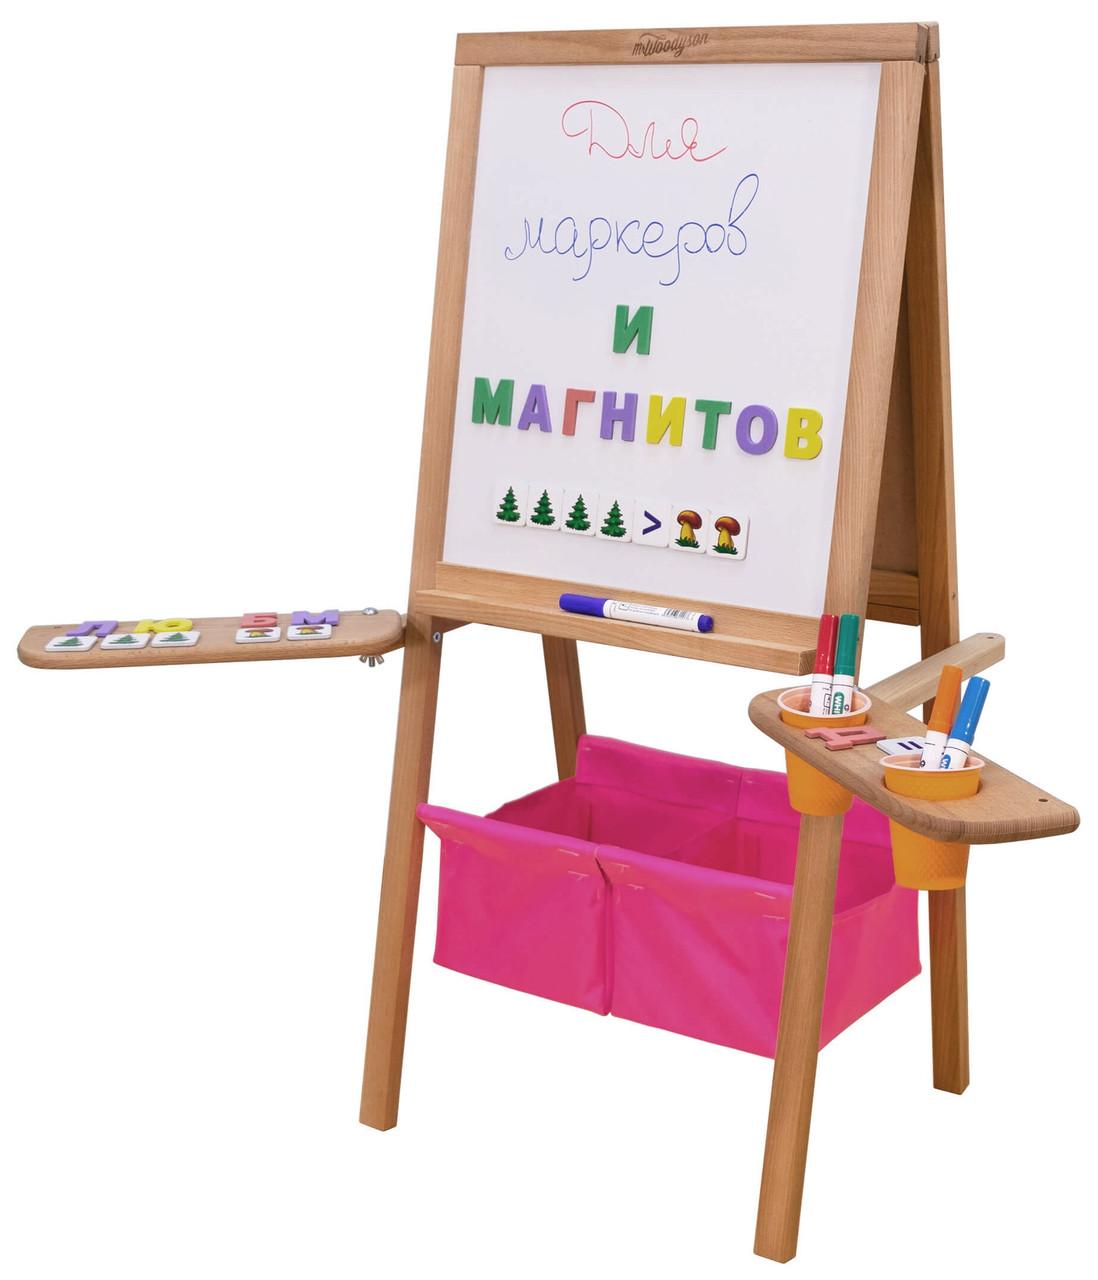 Мольберт дитячий Метелик магнітний, двосторонній, рожеві кошика. РК42